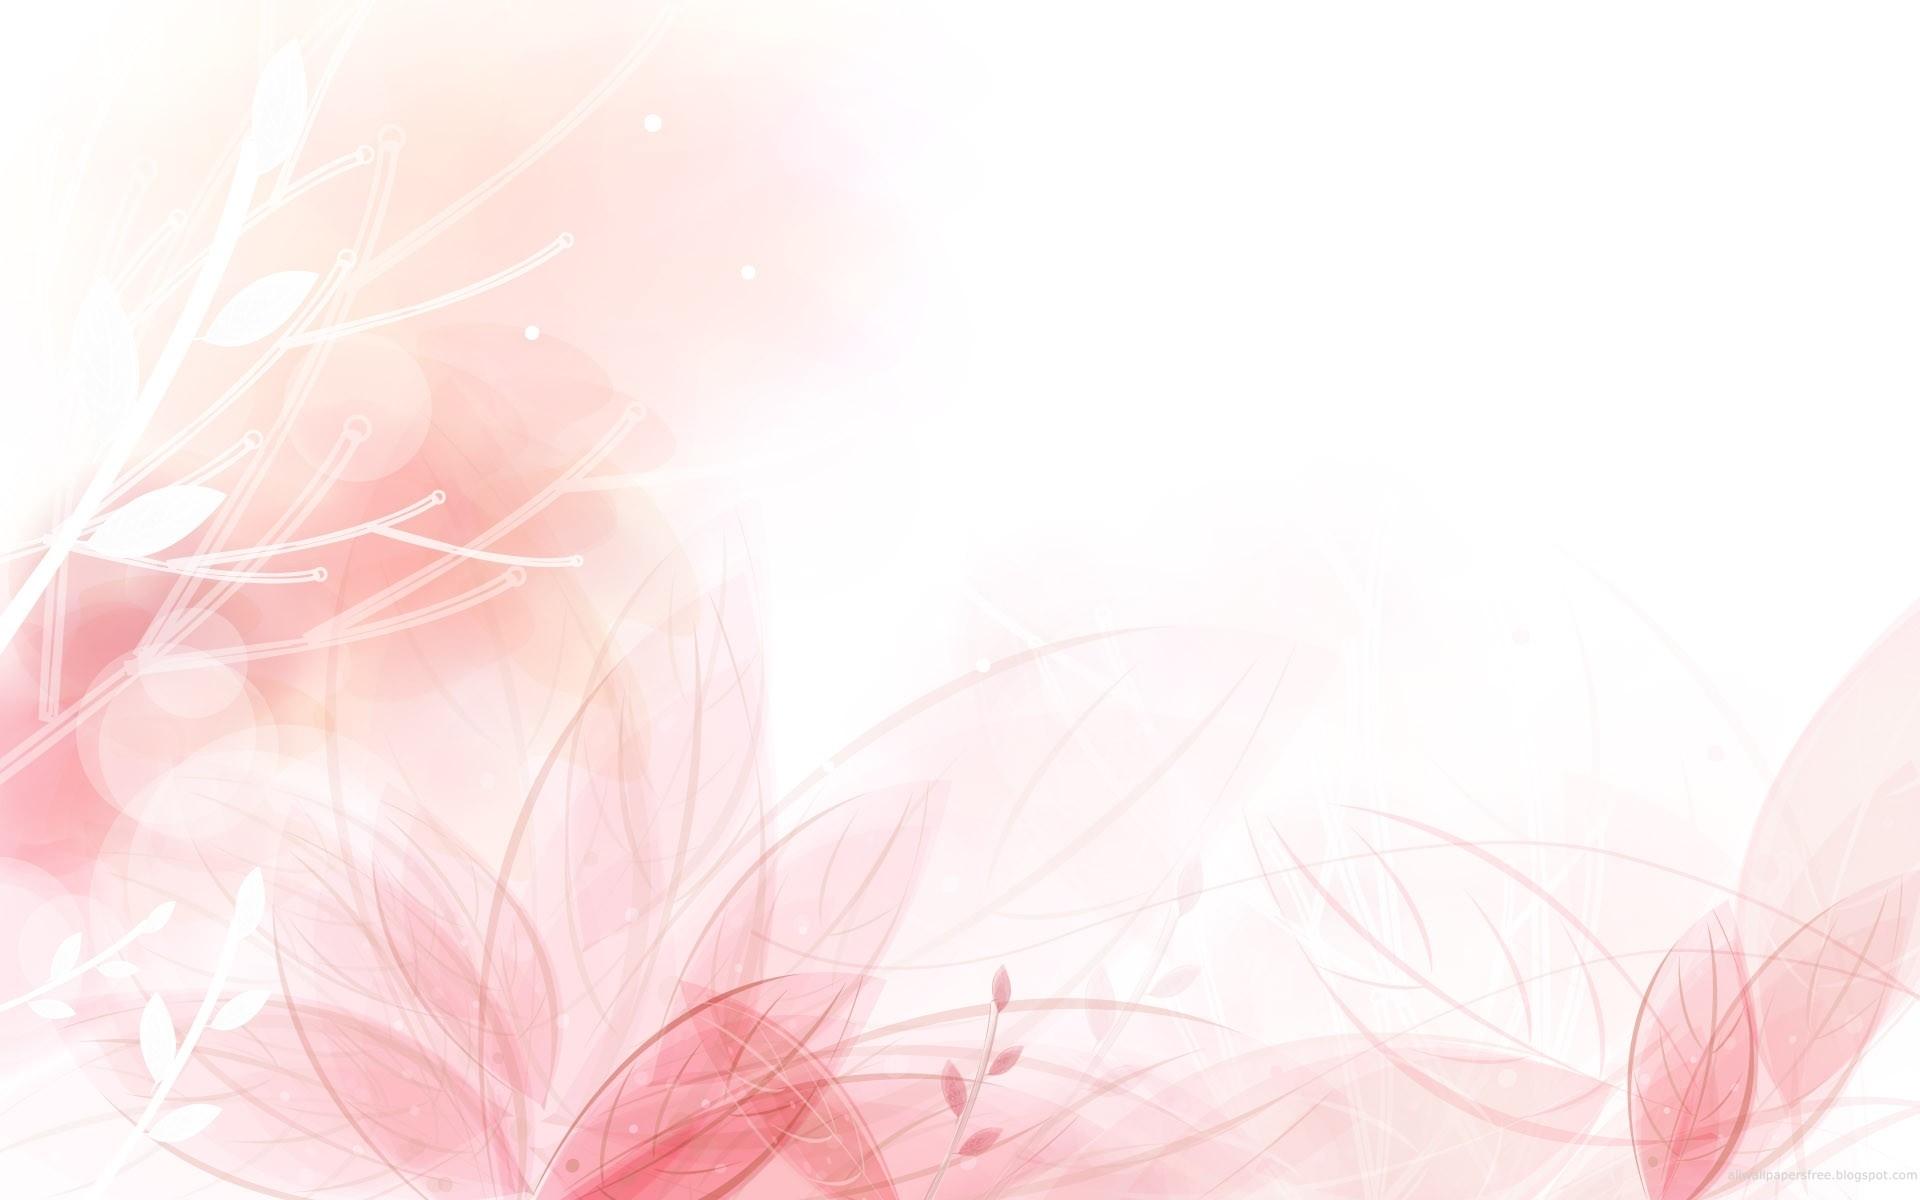 light-pink-wallpaper-desktop - wallpaper.wiki